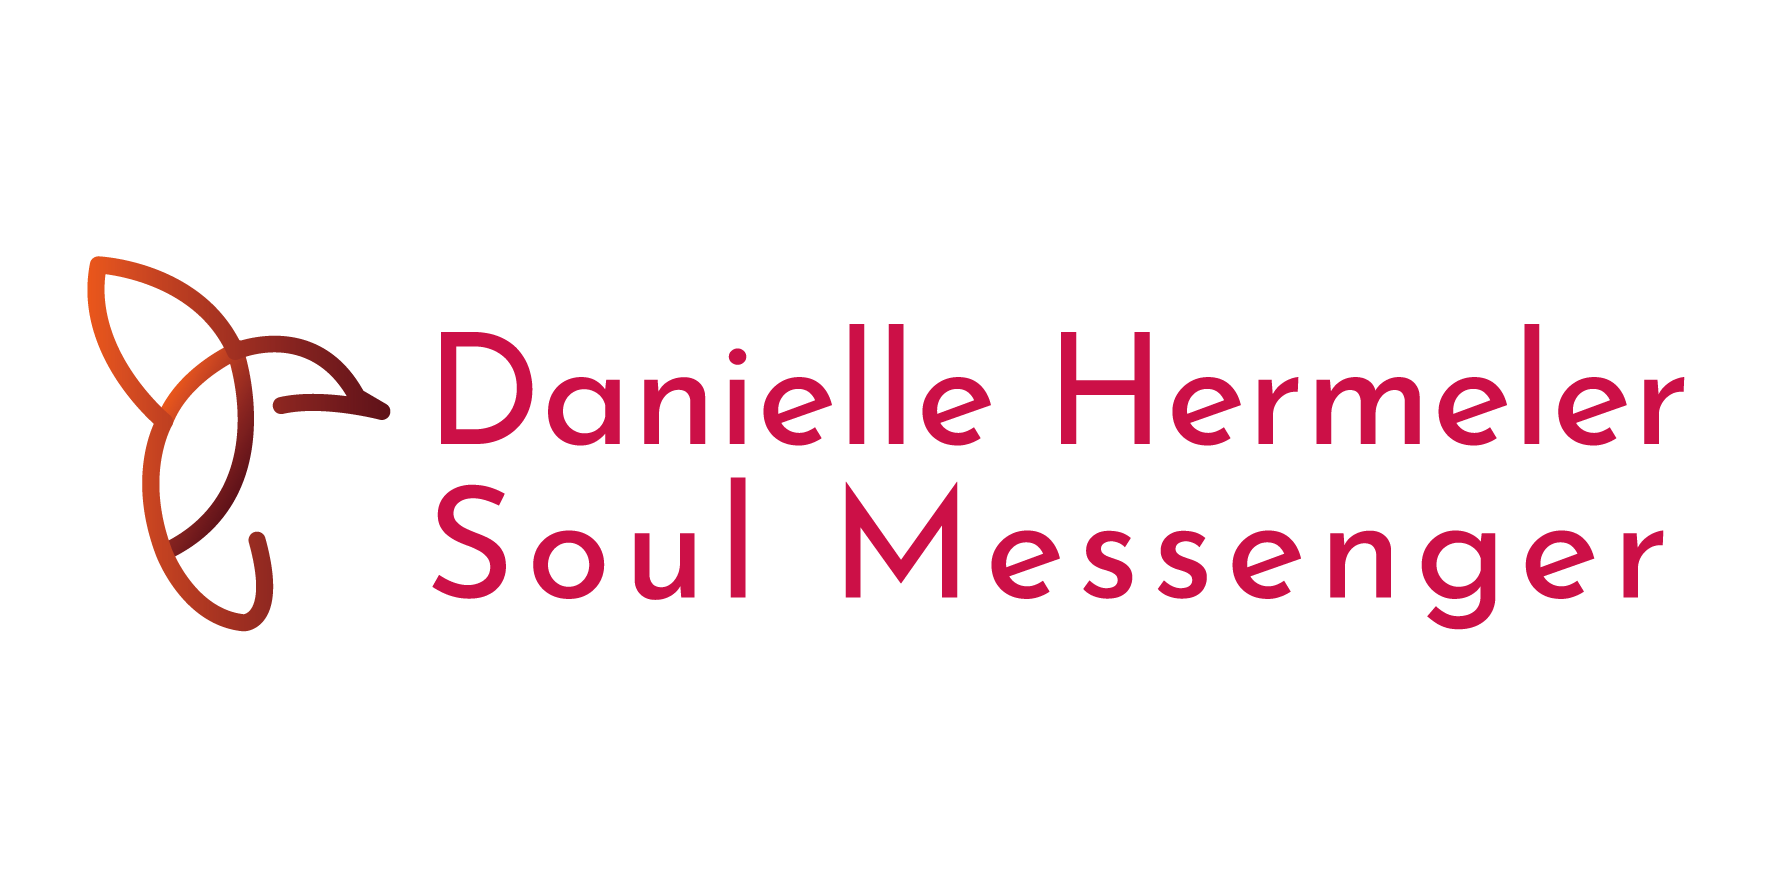 Danielle Hermeler